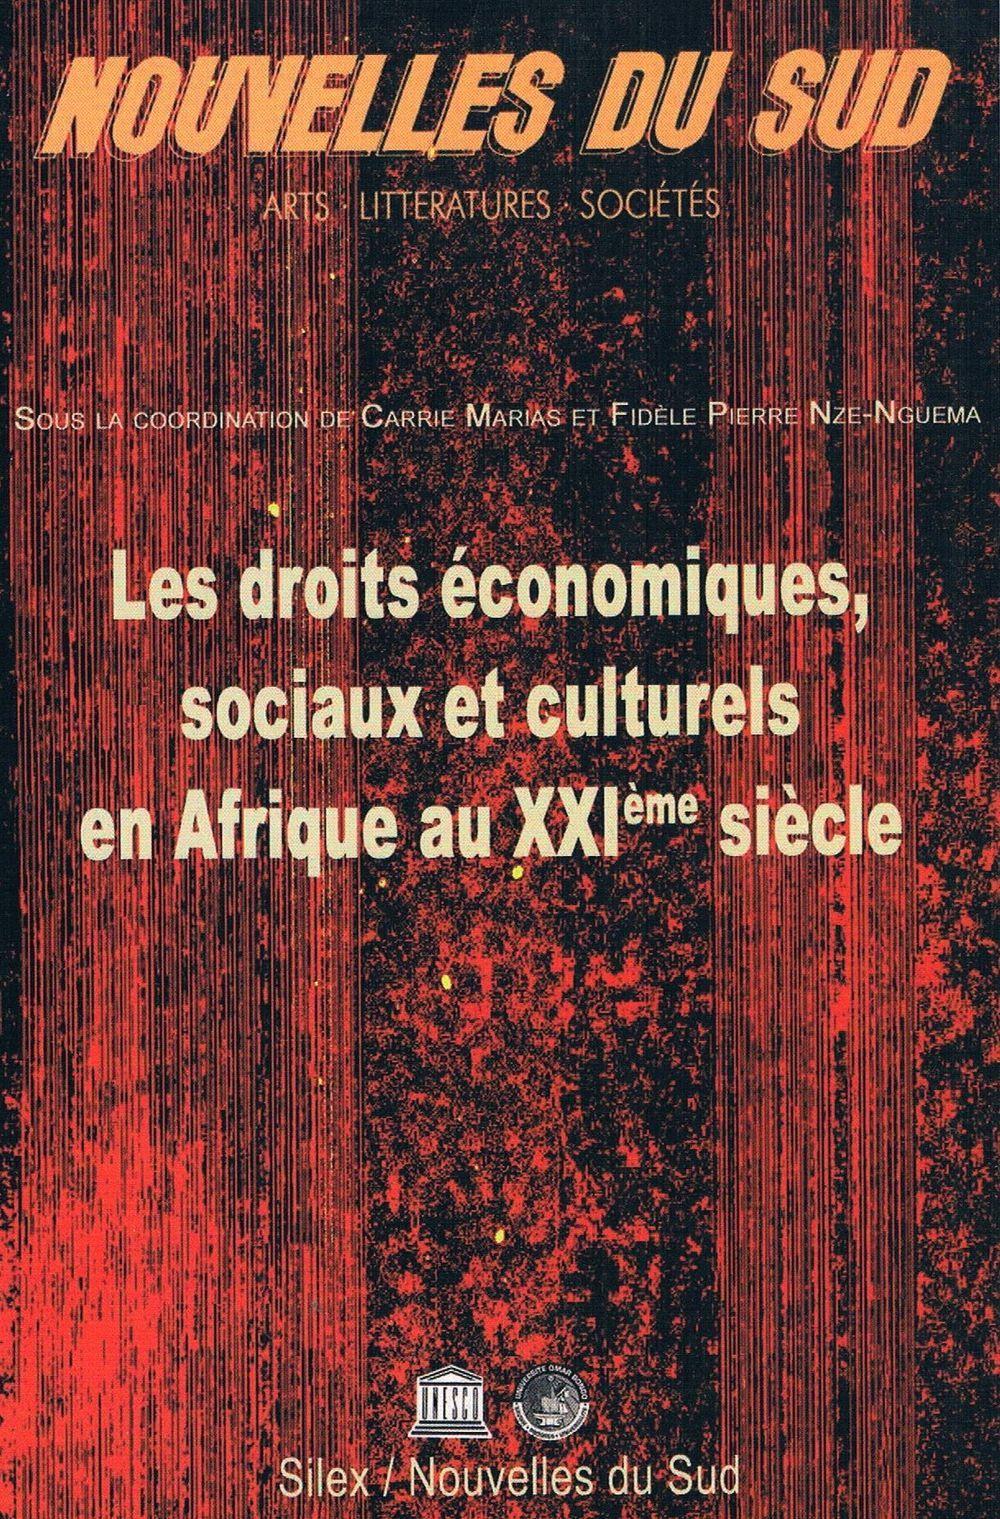 NOUVELLES DU SUD : LES DROITS ECONOMIQUES, SOCIAUX ET CULTURELS EN AFRIQUE AU XXIEME SIECLE